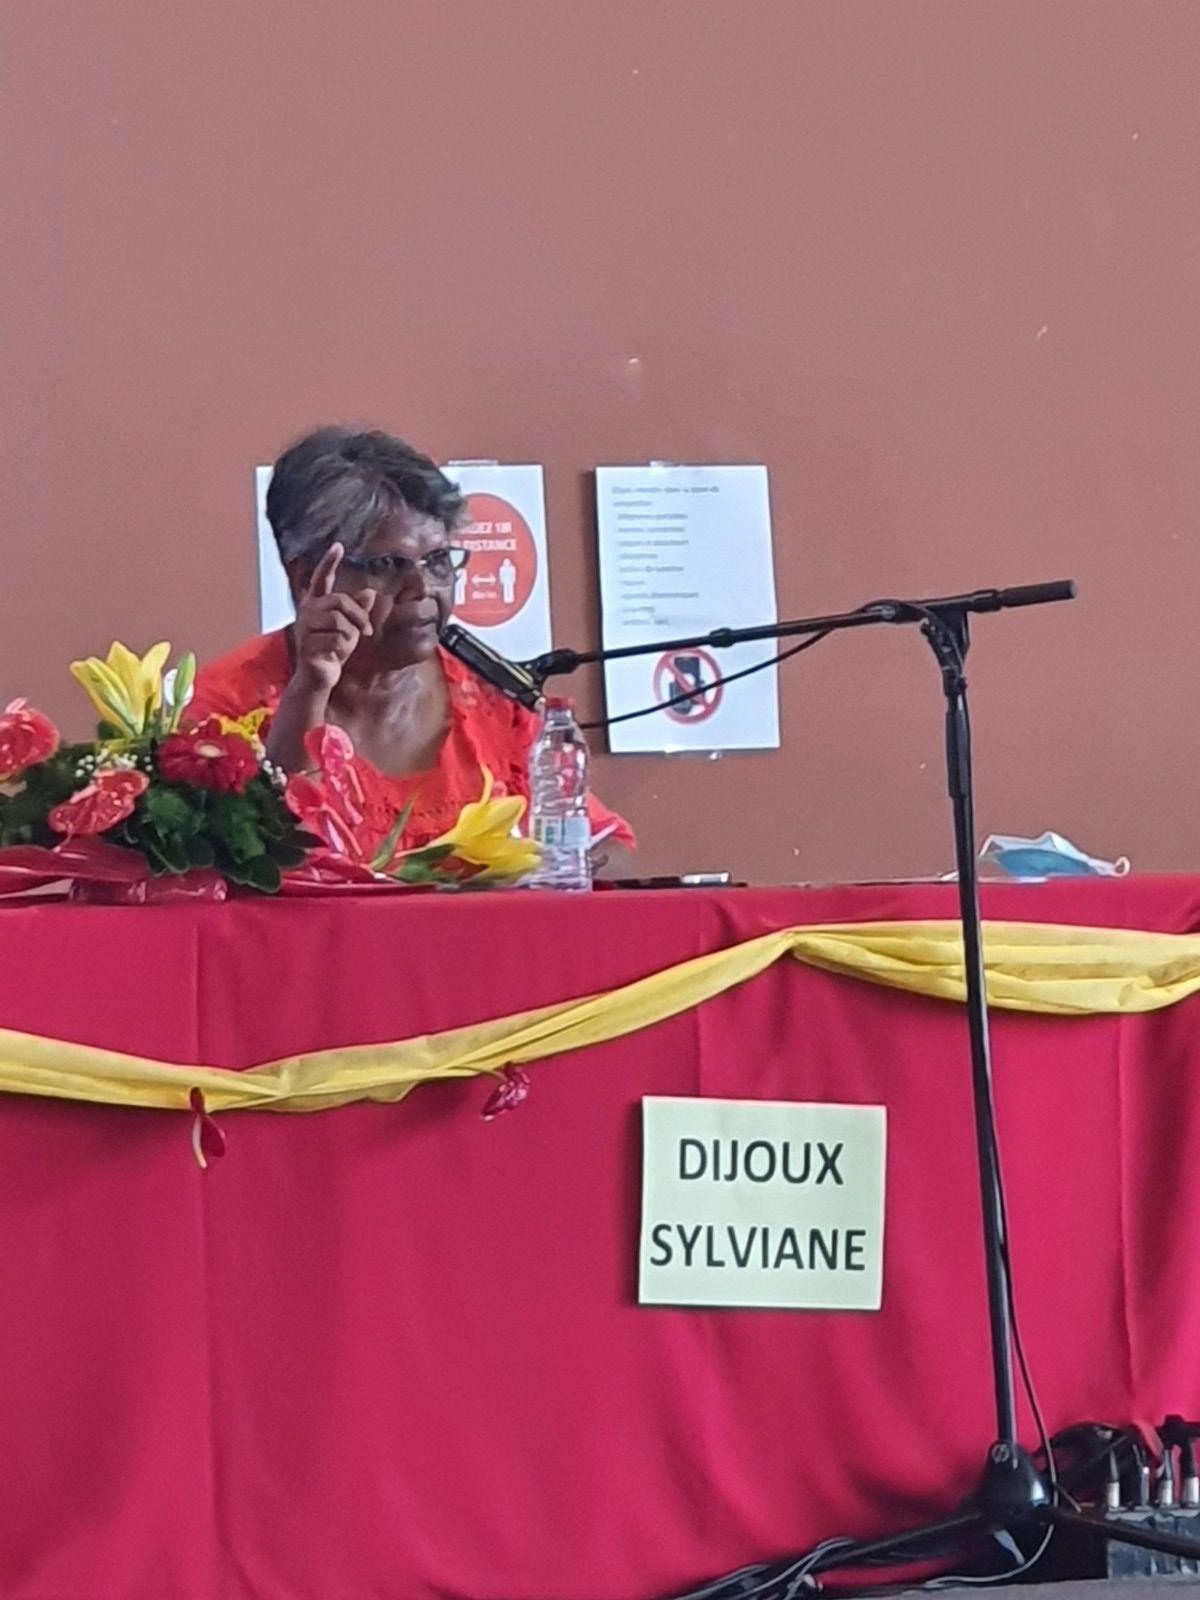 Modifications statutaires présenté par Sylviane DIJOUX